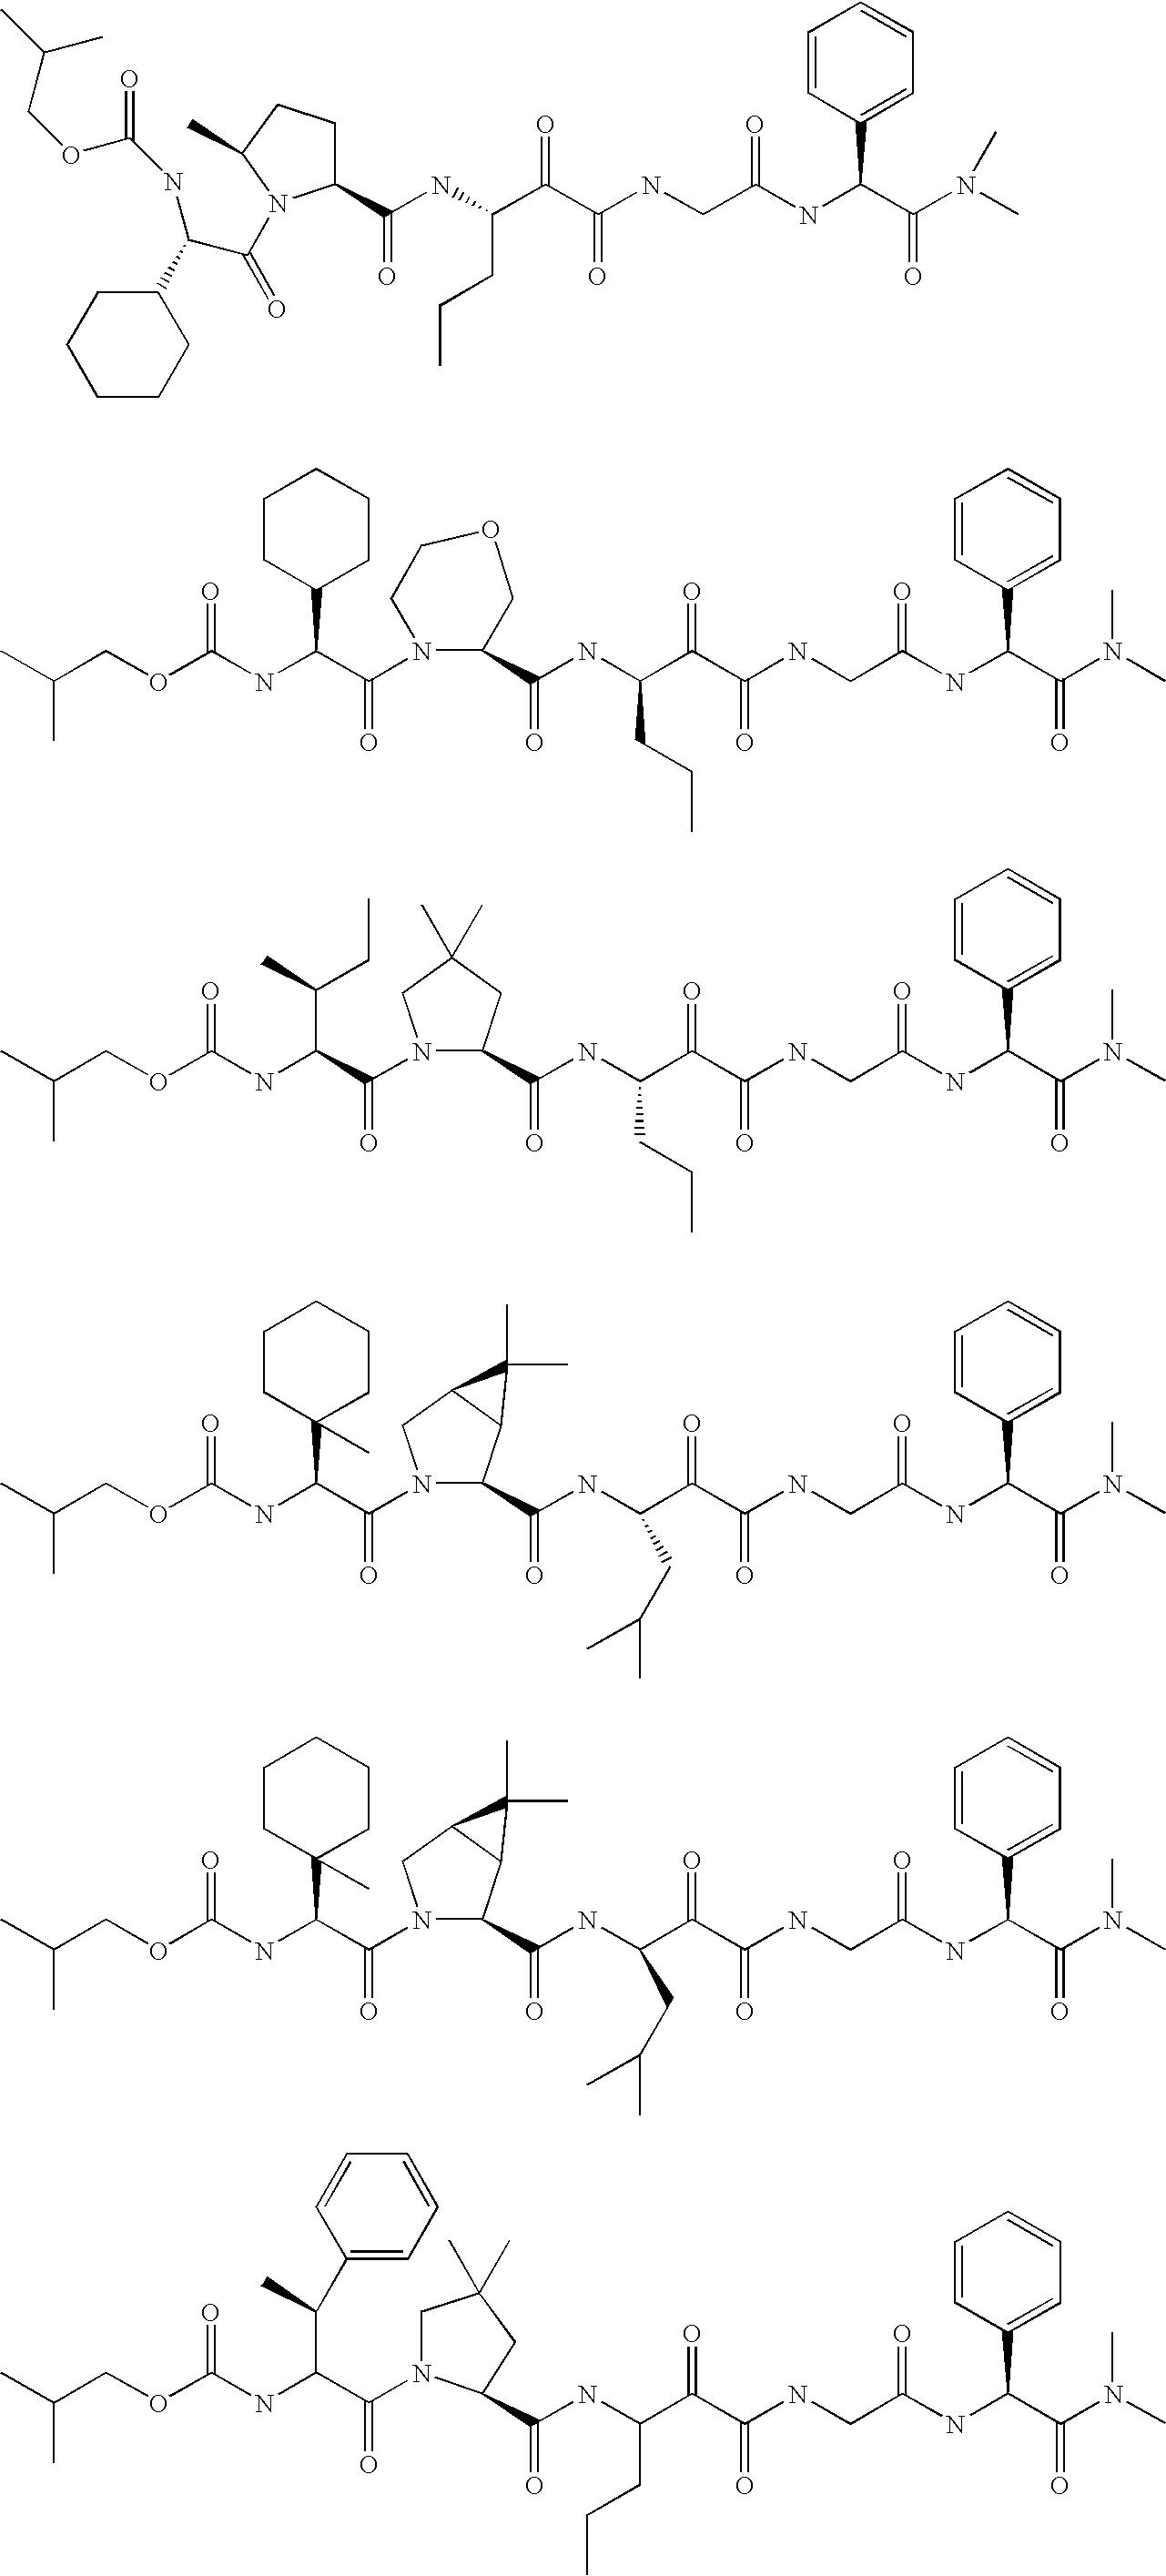 Figure US20060287248A1-20061221-C00144